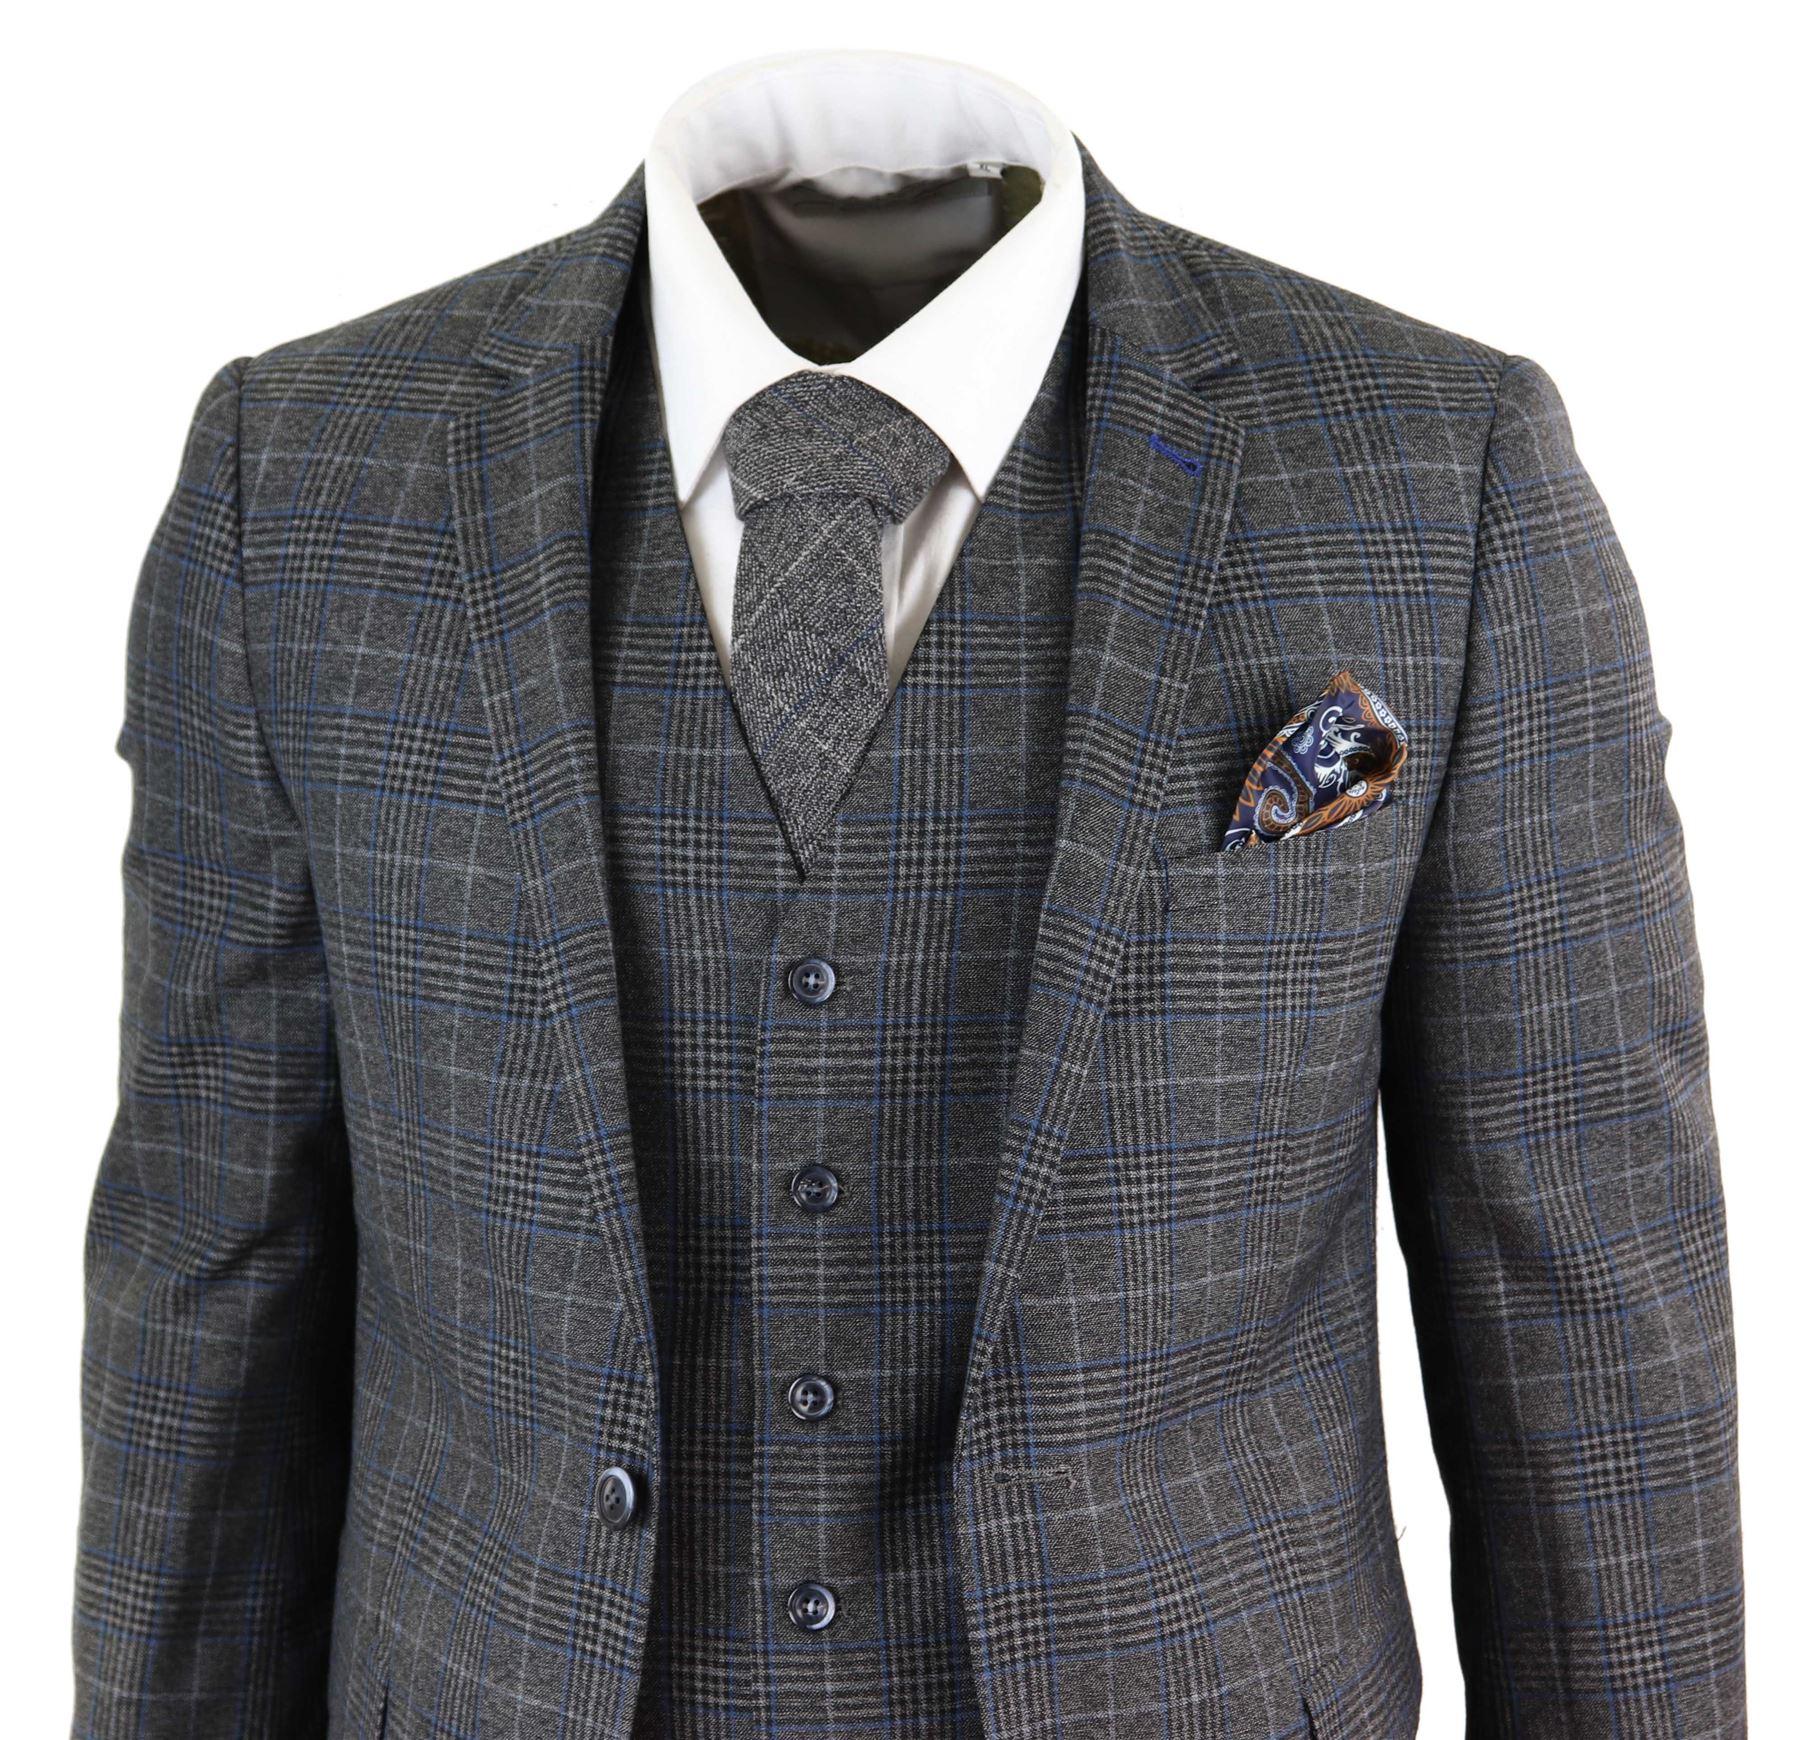 191ea3fcc5778 Details about 3 piece suit mens grey herringbone check blue retro slim fit-  show original title